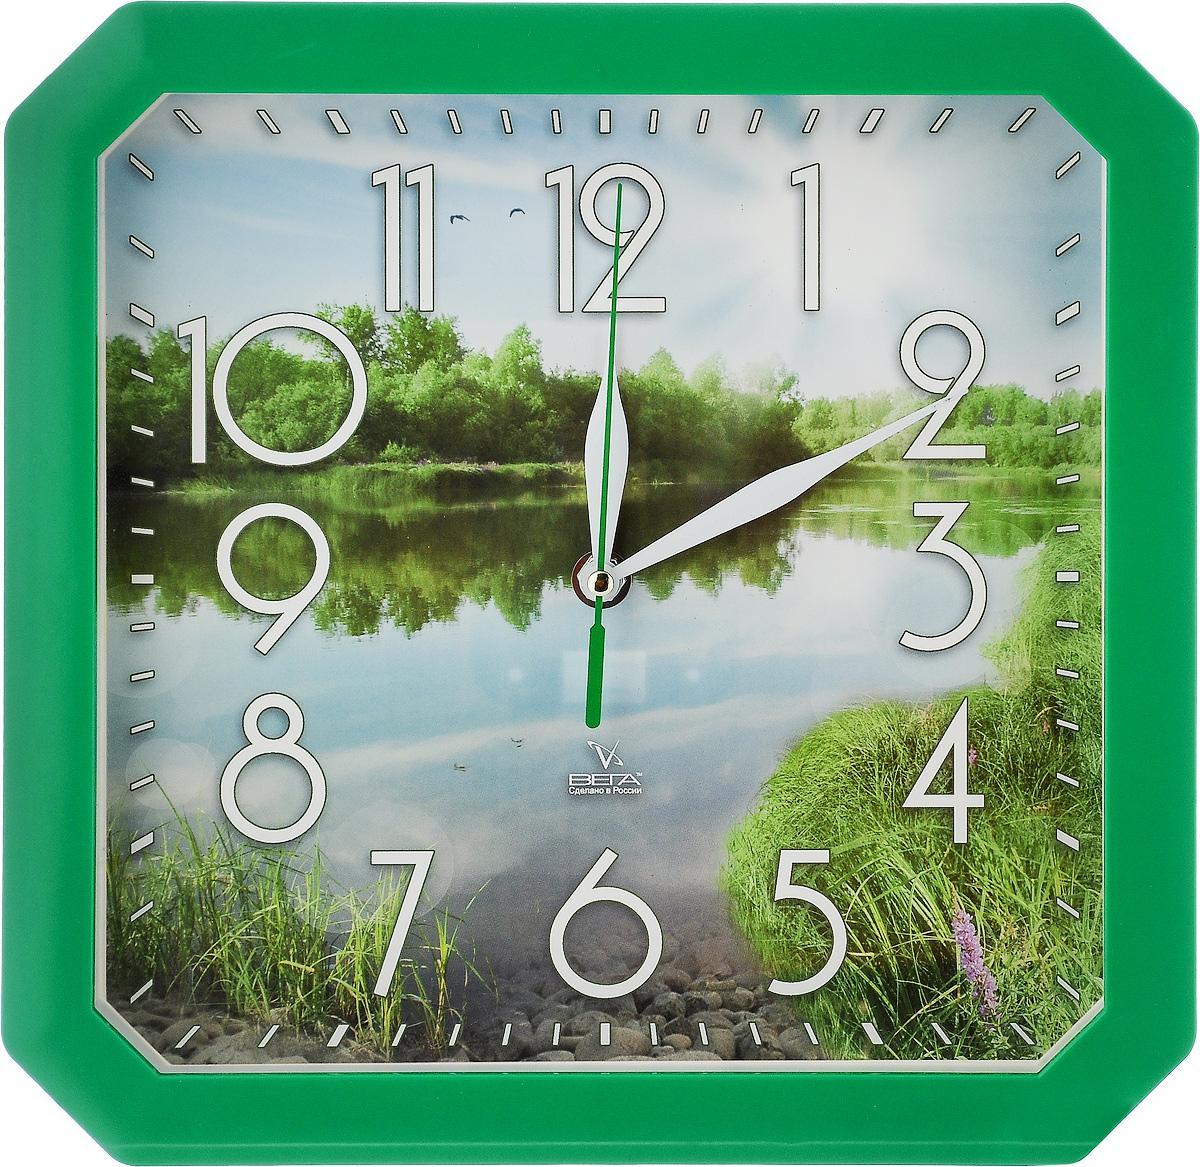 Часы настенные Вега Пейзаж, 27,5 х 27,5 х 3,3 смП4-3/7-82Настенные кварцевые часы Вега Пейзаж, изготовленные из пластика, прекрасно впишутся в интерьер вашего дома. Часы имеют три стрелки: часовую, минутную и секундную, циферблат защищен прозрачным стеклом. Часы работают от 1 батарейки типа АА напряжением 1,5 В (не входит в комплект). Размер часов: 27,5 х 27,5 х 3,3 см.